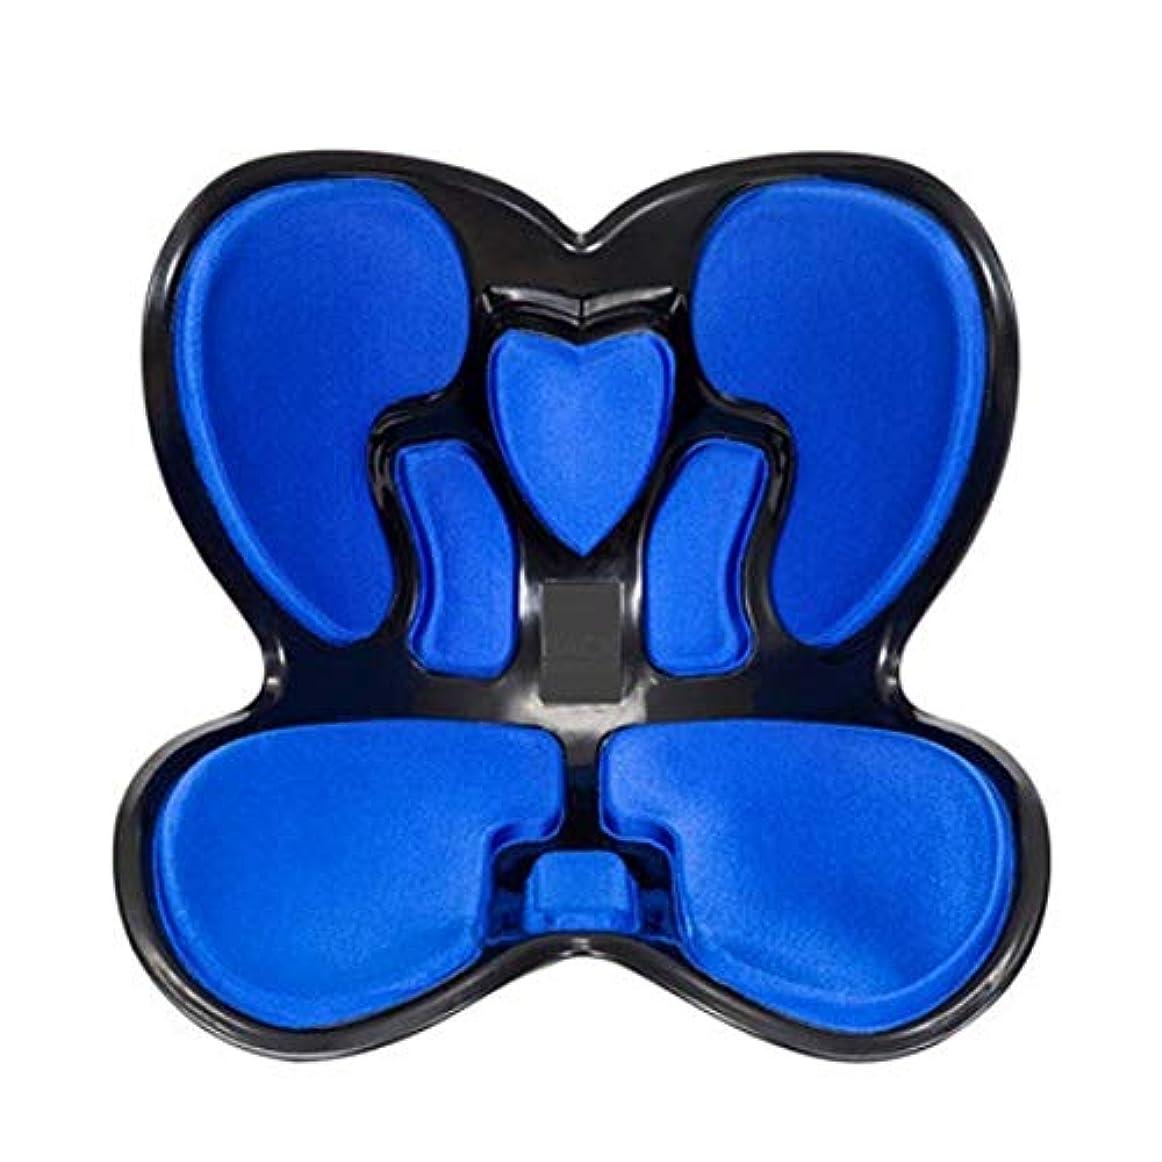 チートポーク効果的【★ 特典1年間 保証 & 特別製腰サポートベルト付き ★】【★ 座るだけで 姿勢 サポート 座椅子 です★】 骨盤 を 正しい 形に サポート します!身体的負担も軽く。 腰 痛 も改善。座布団 として使えます。チェア...